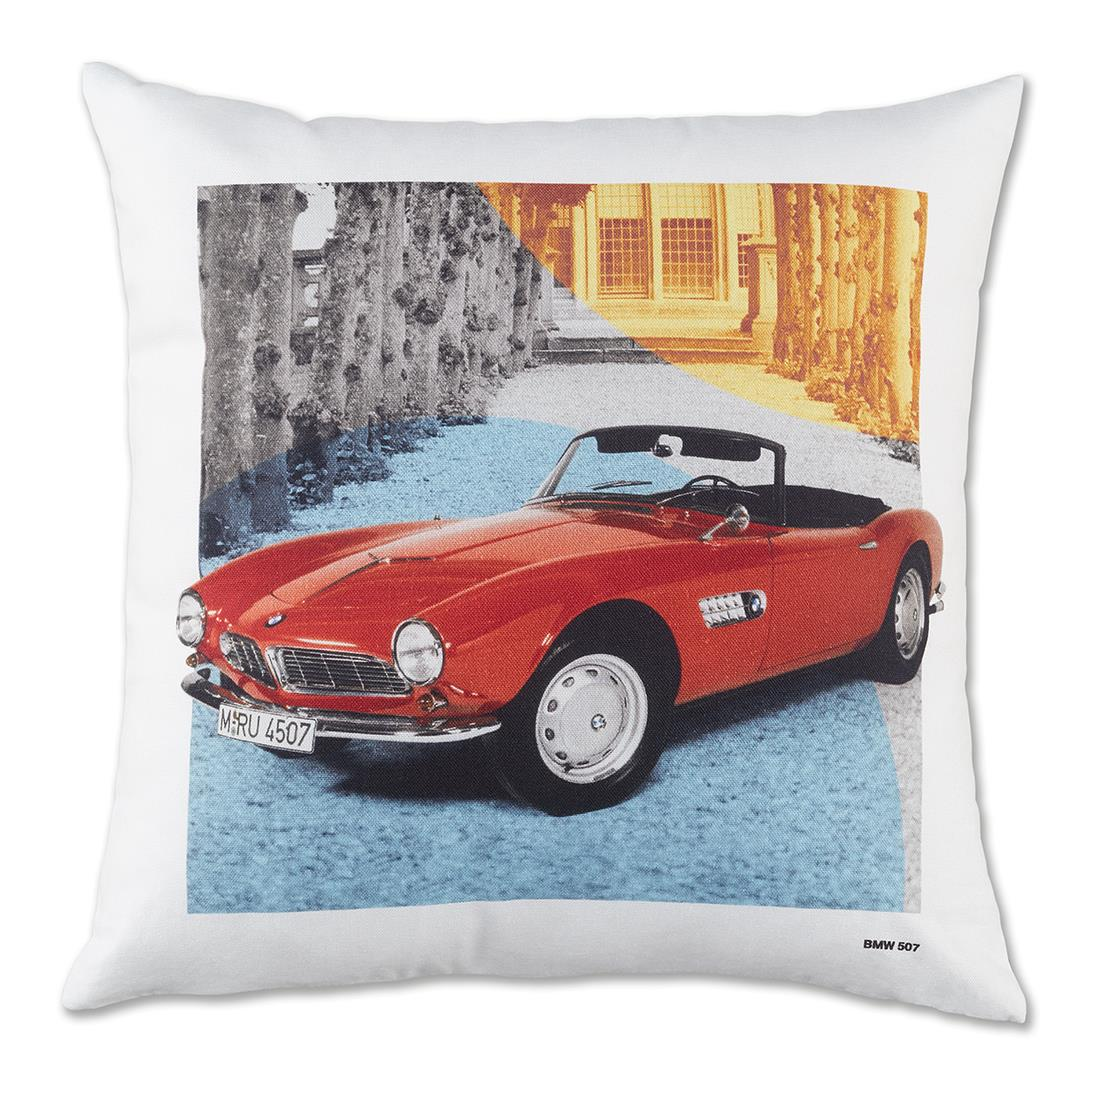 BMW Classic Pillow BMW 507